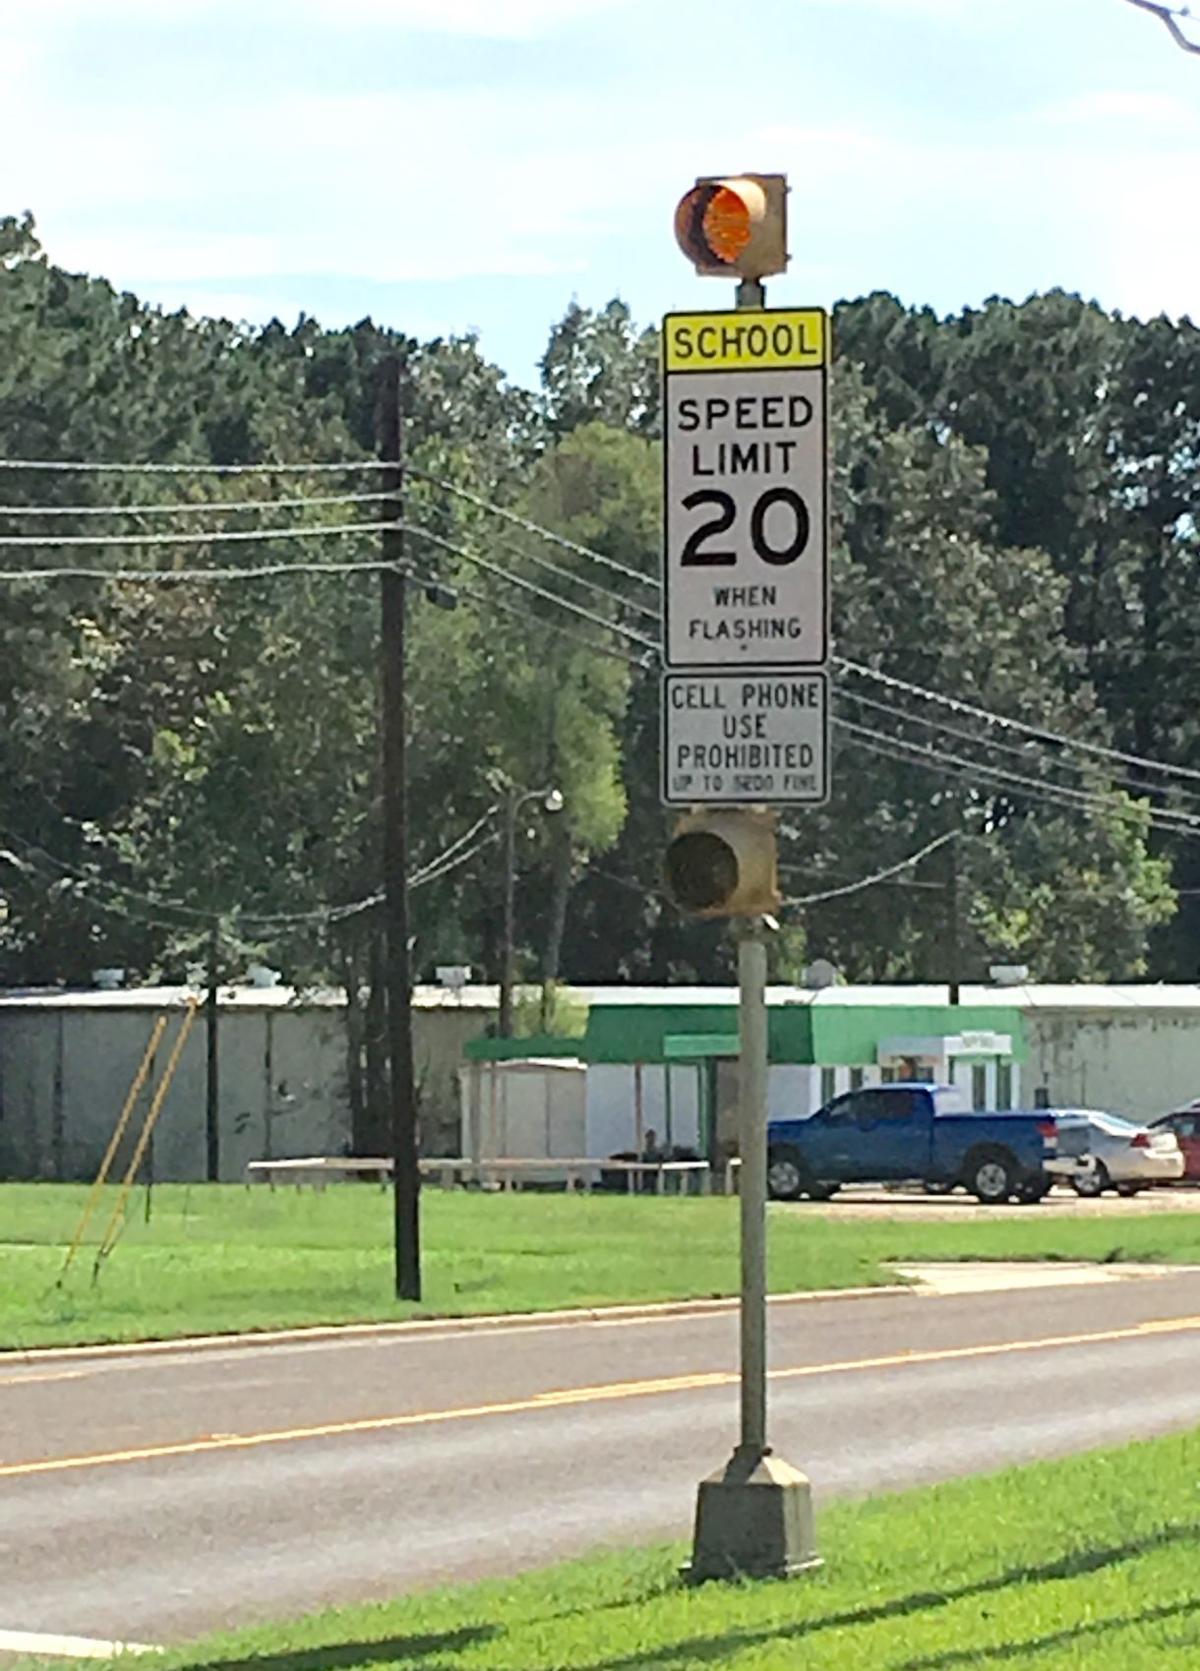 Schools zones, extra patrol as school begins